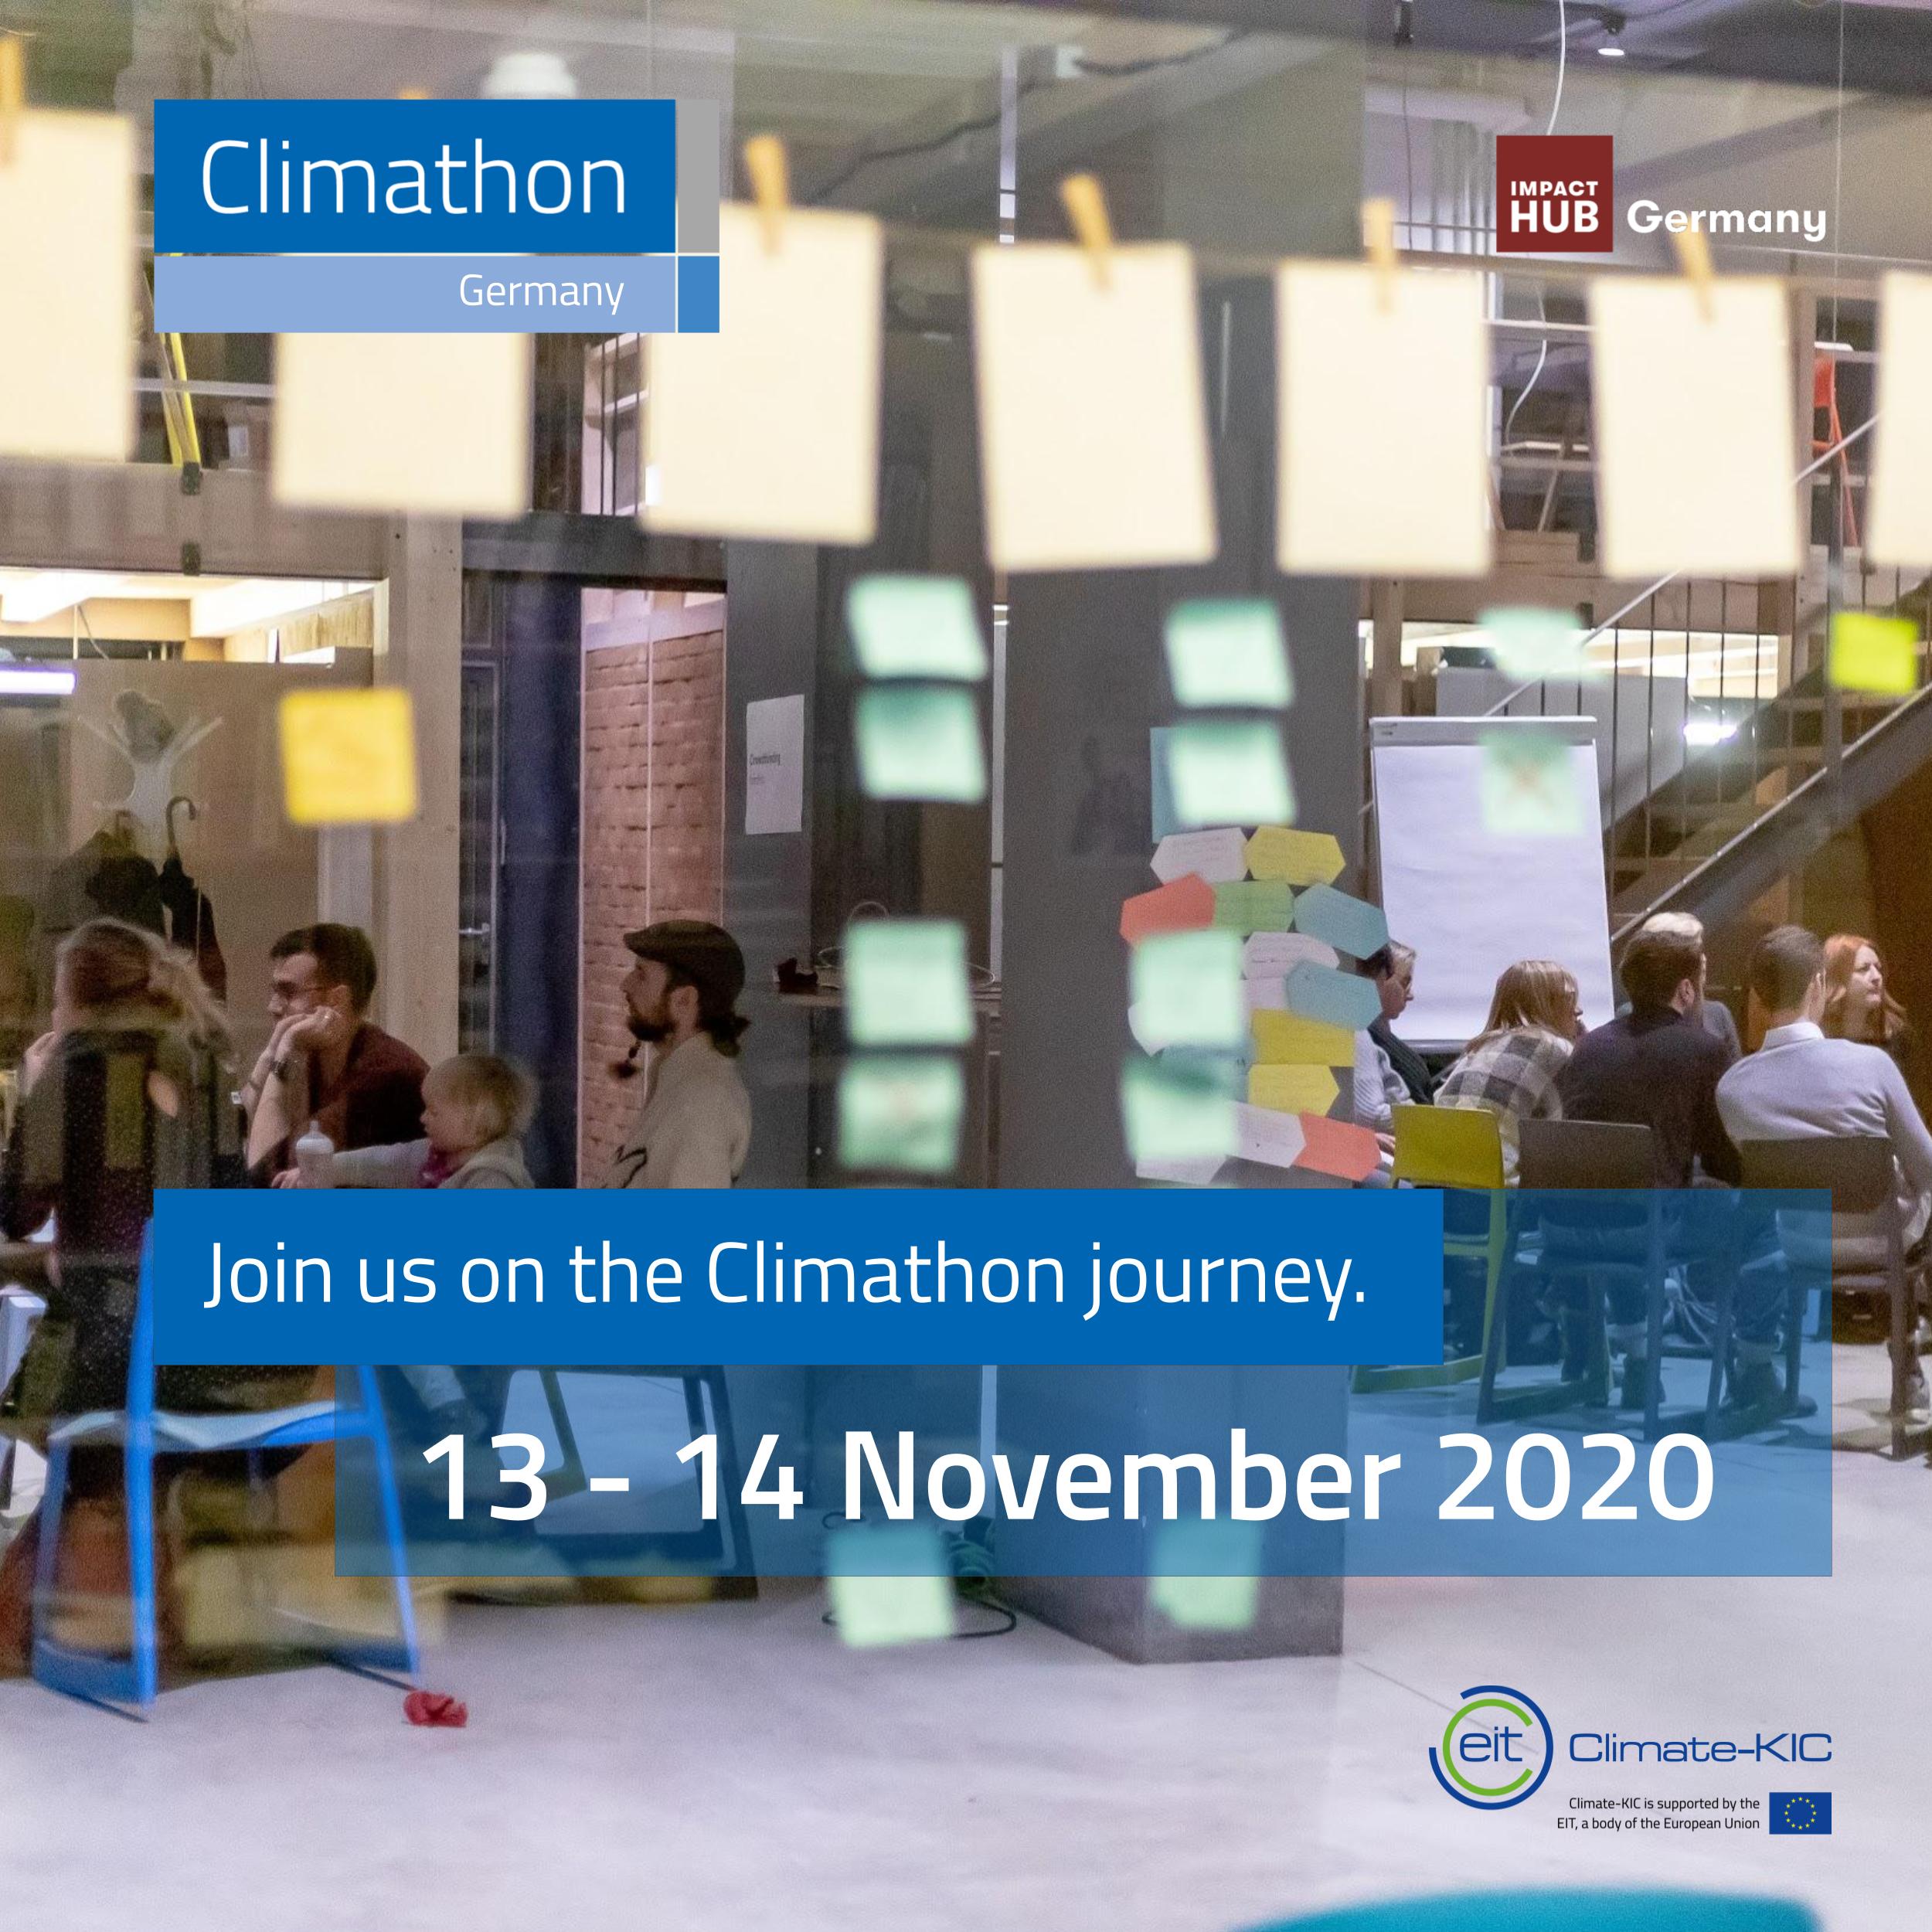 Foto von zusammensitzenden Menschen, post its auf einer Glaswand im Vordergrund, Aufschrift: Join us on the Climathon journey. 13.-14. November 2020